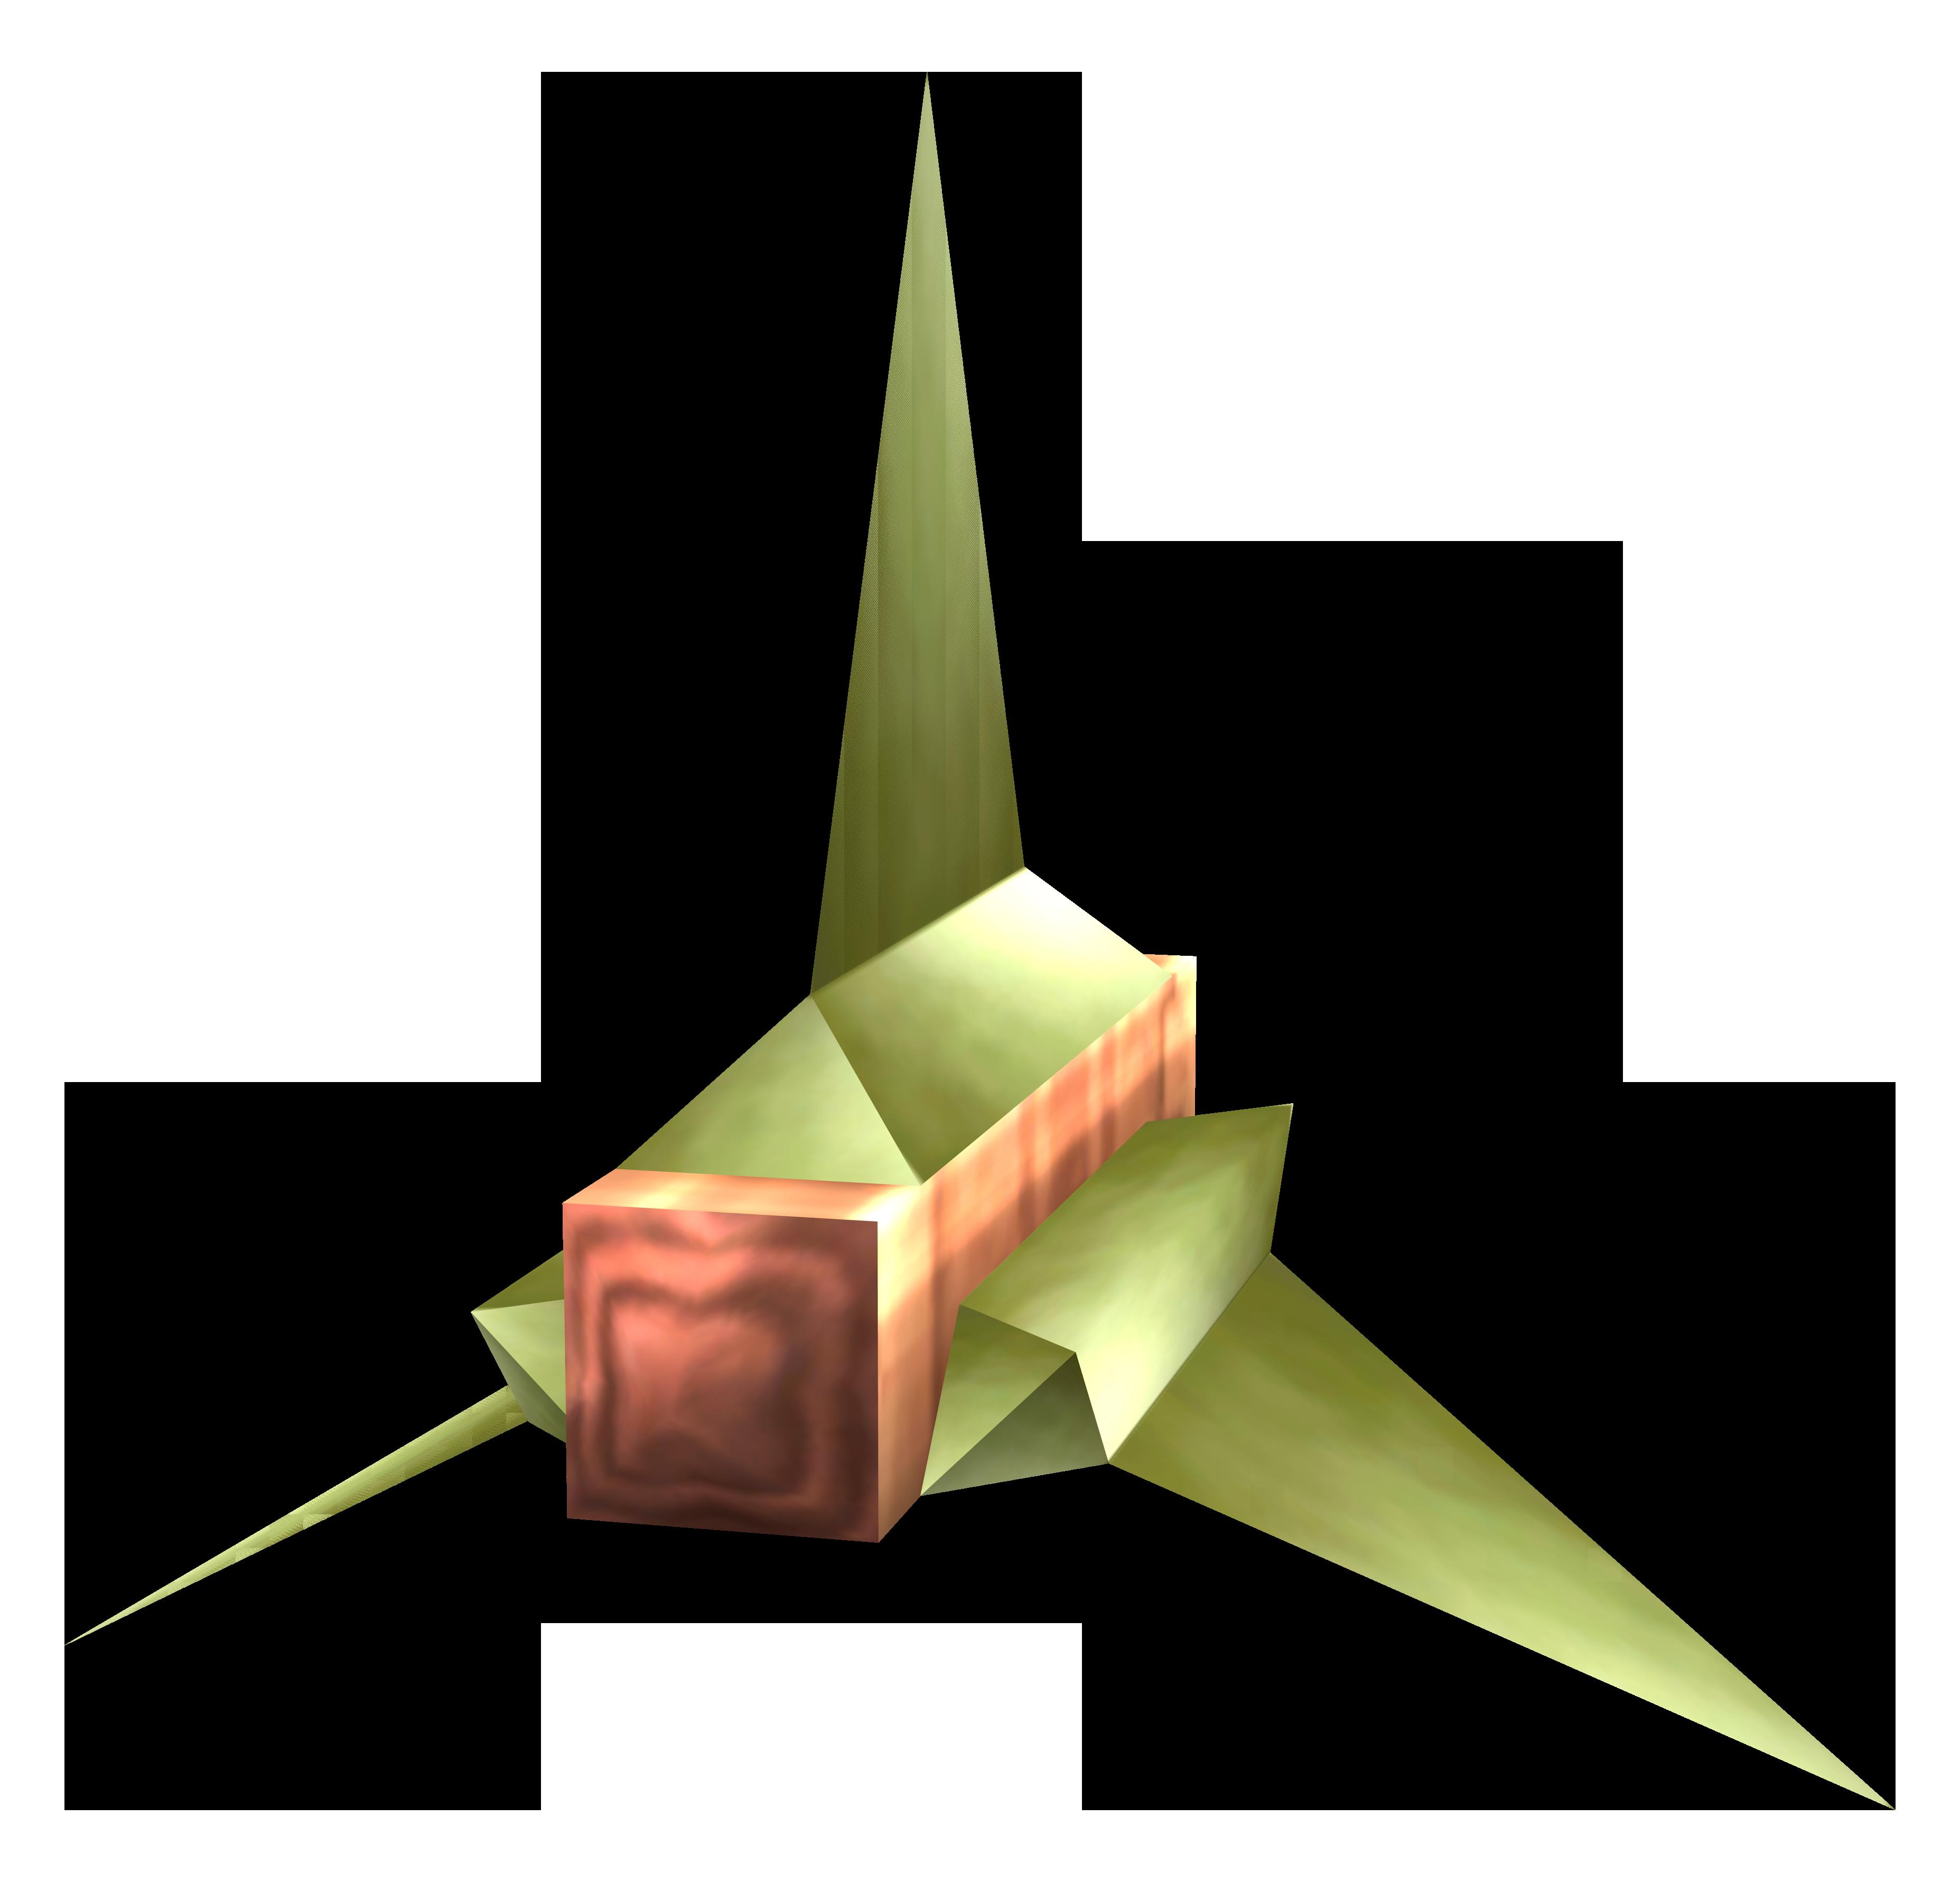 Precursor Prism